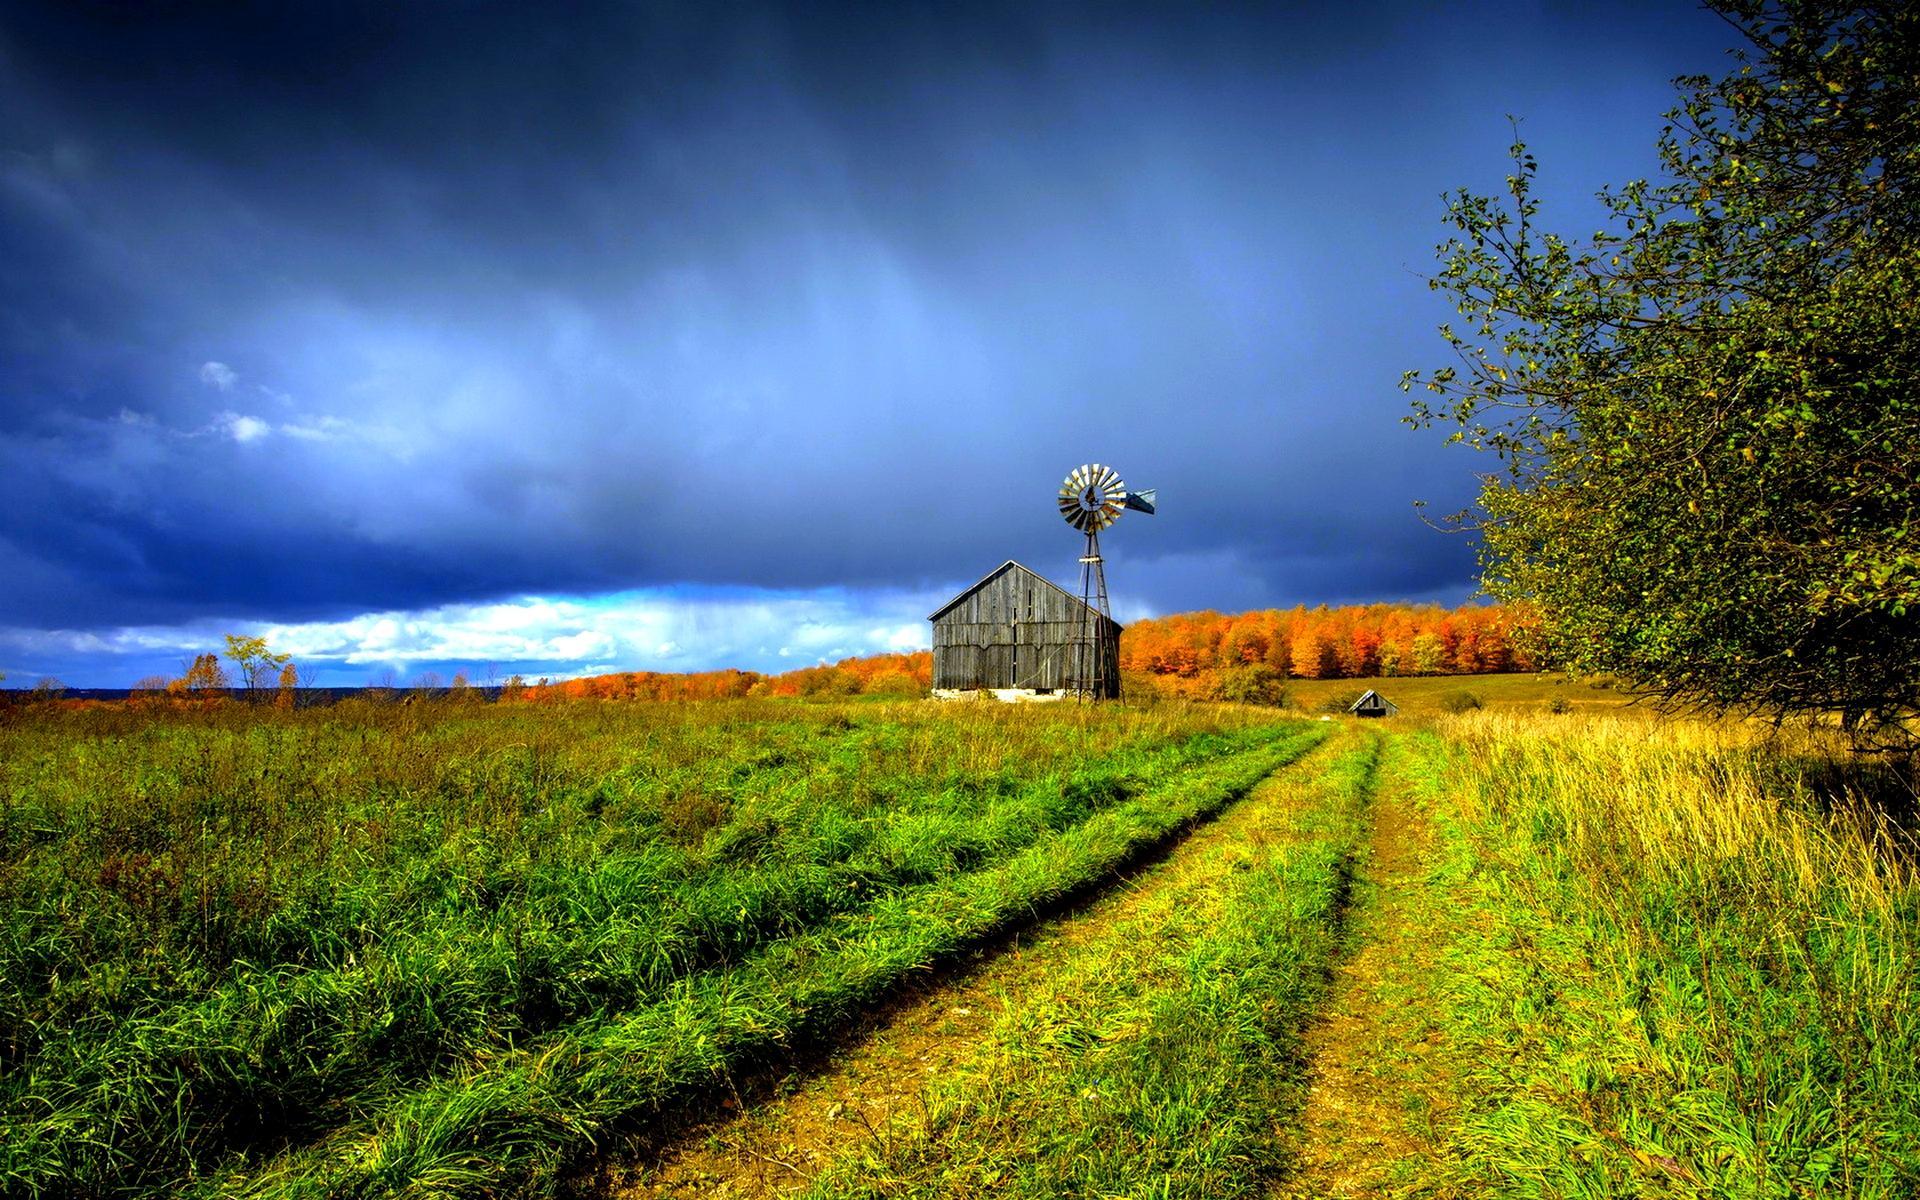 Beautiful Farm House Windmill Hd Wallpaper Wallpaper List 1920x1200